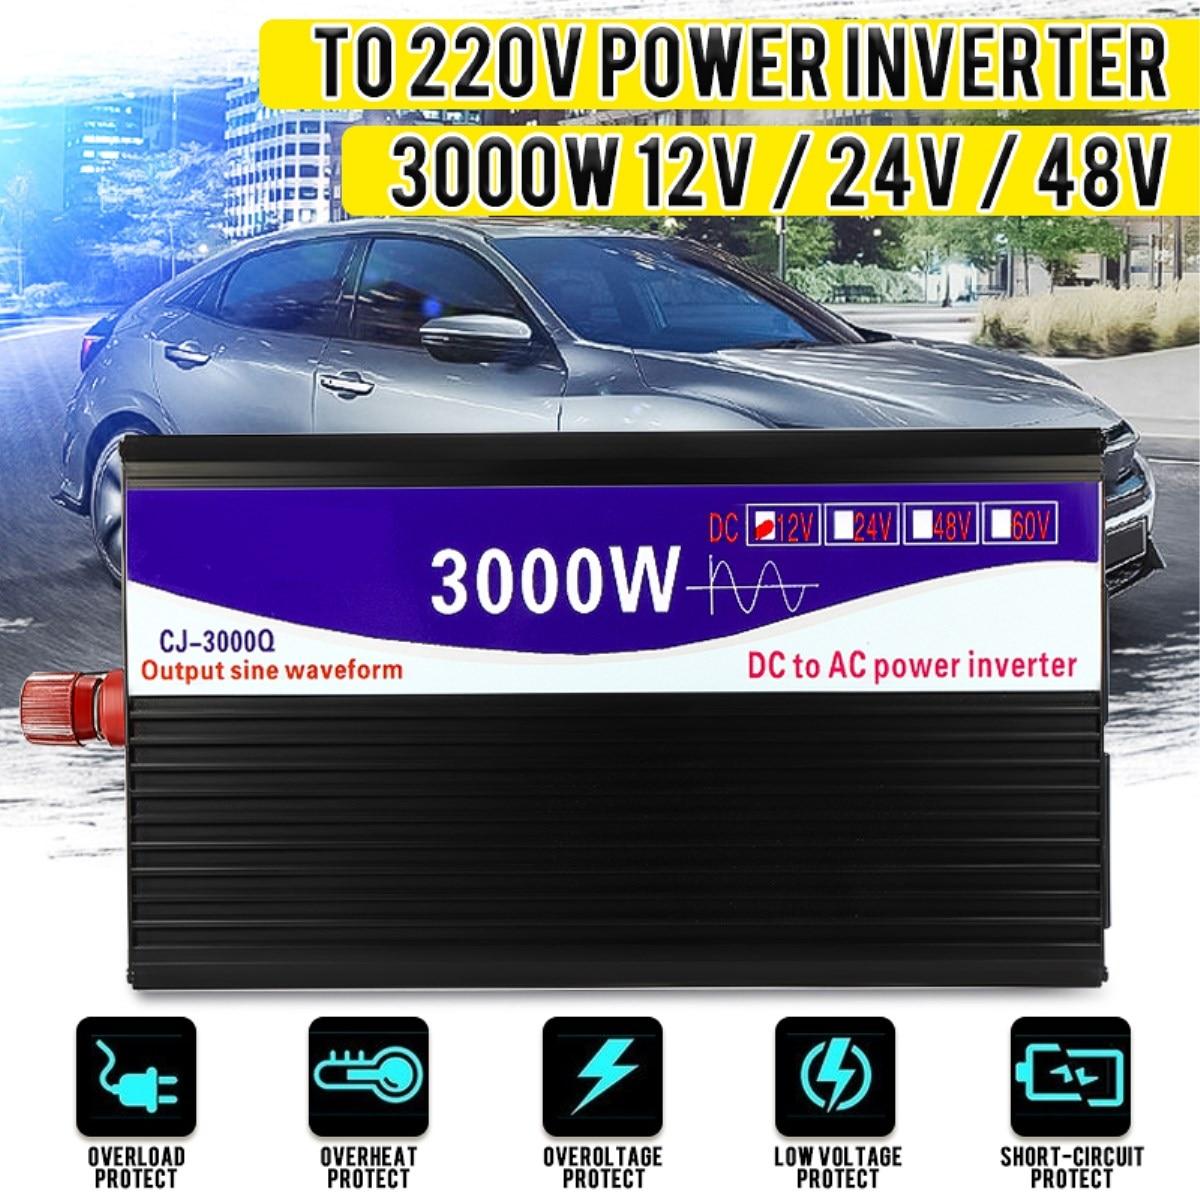 3000W Inverter 12V/24V/48V to 220V LCD Display Pure Sine Wave Inverter Voltage Transformer Converter for Car Home Power Supply